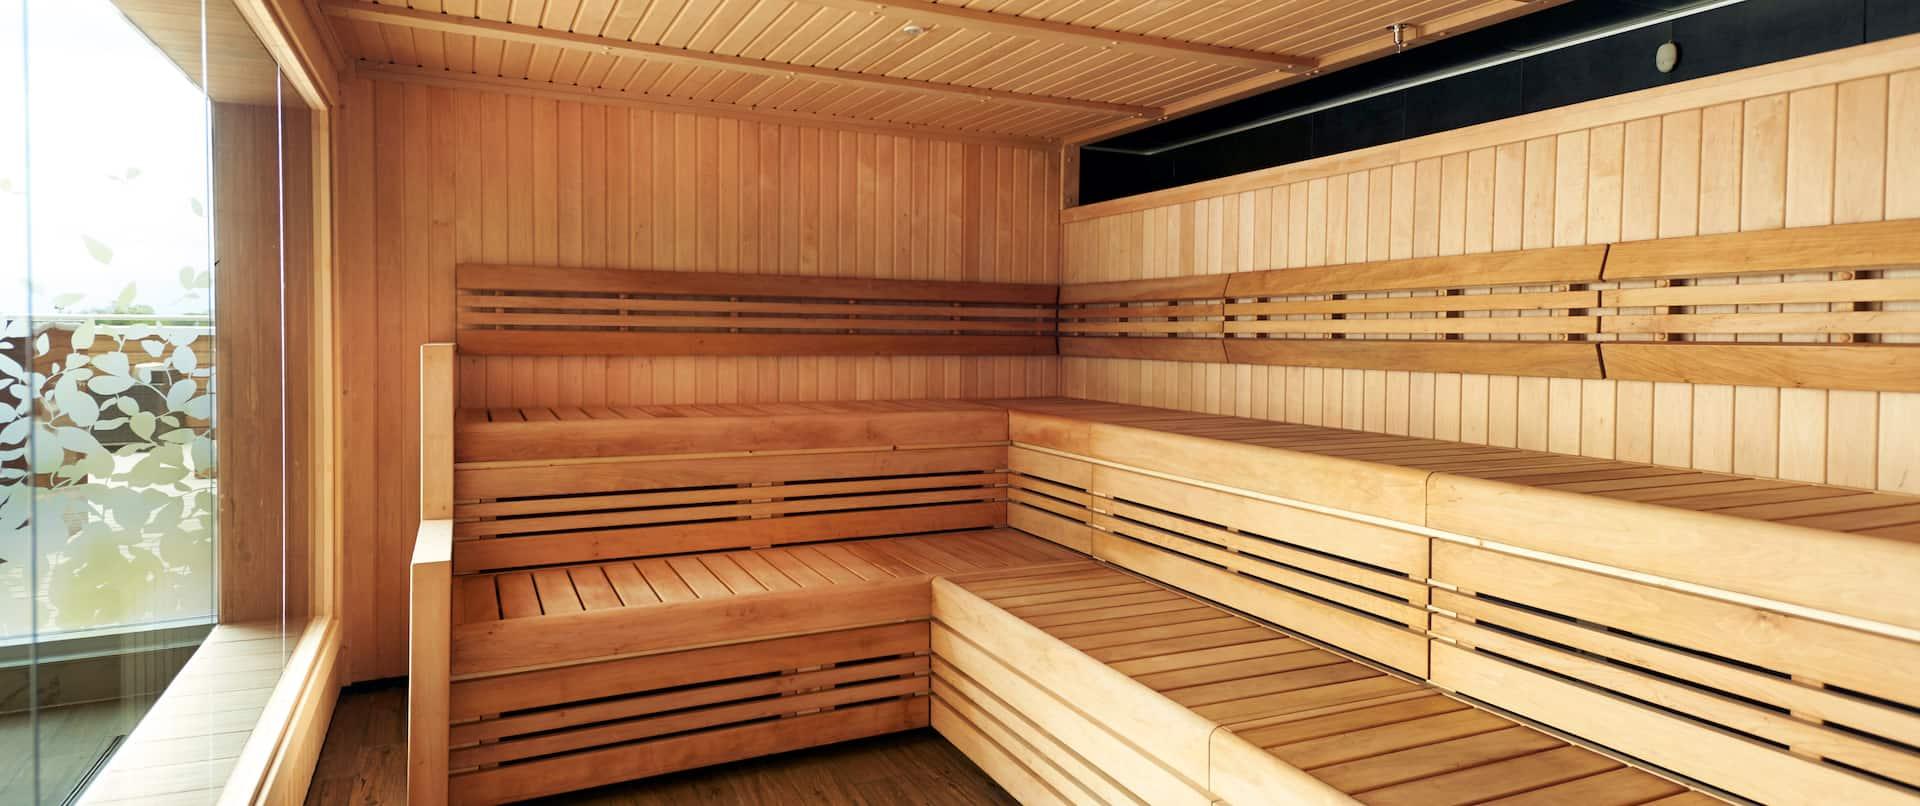 eforea Spa Sauna